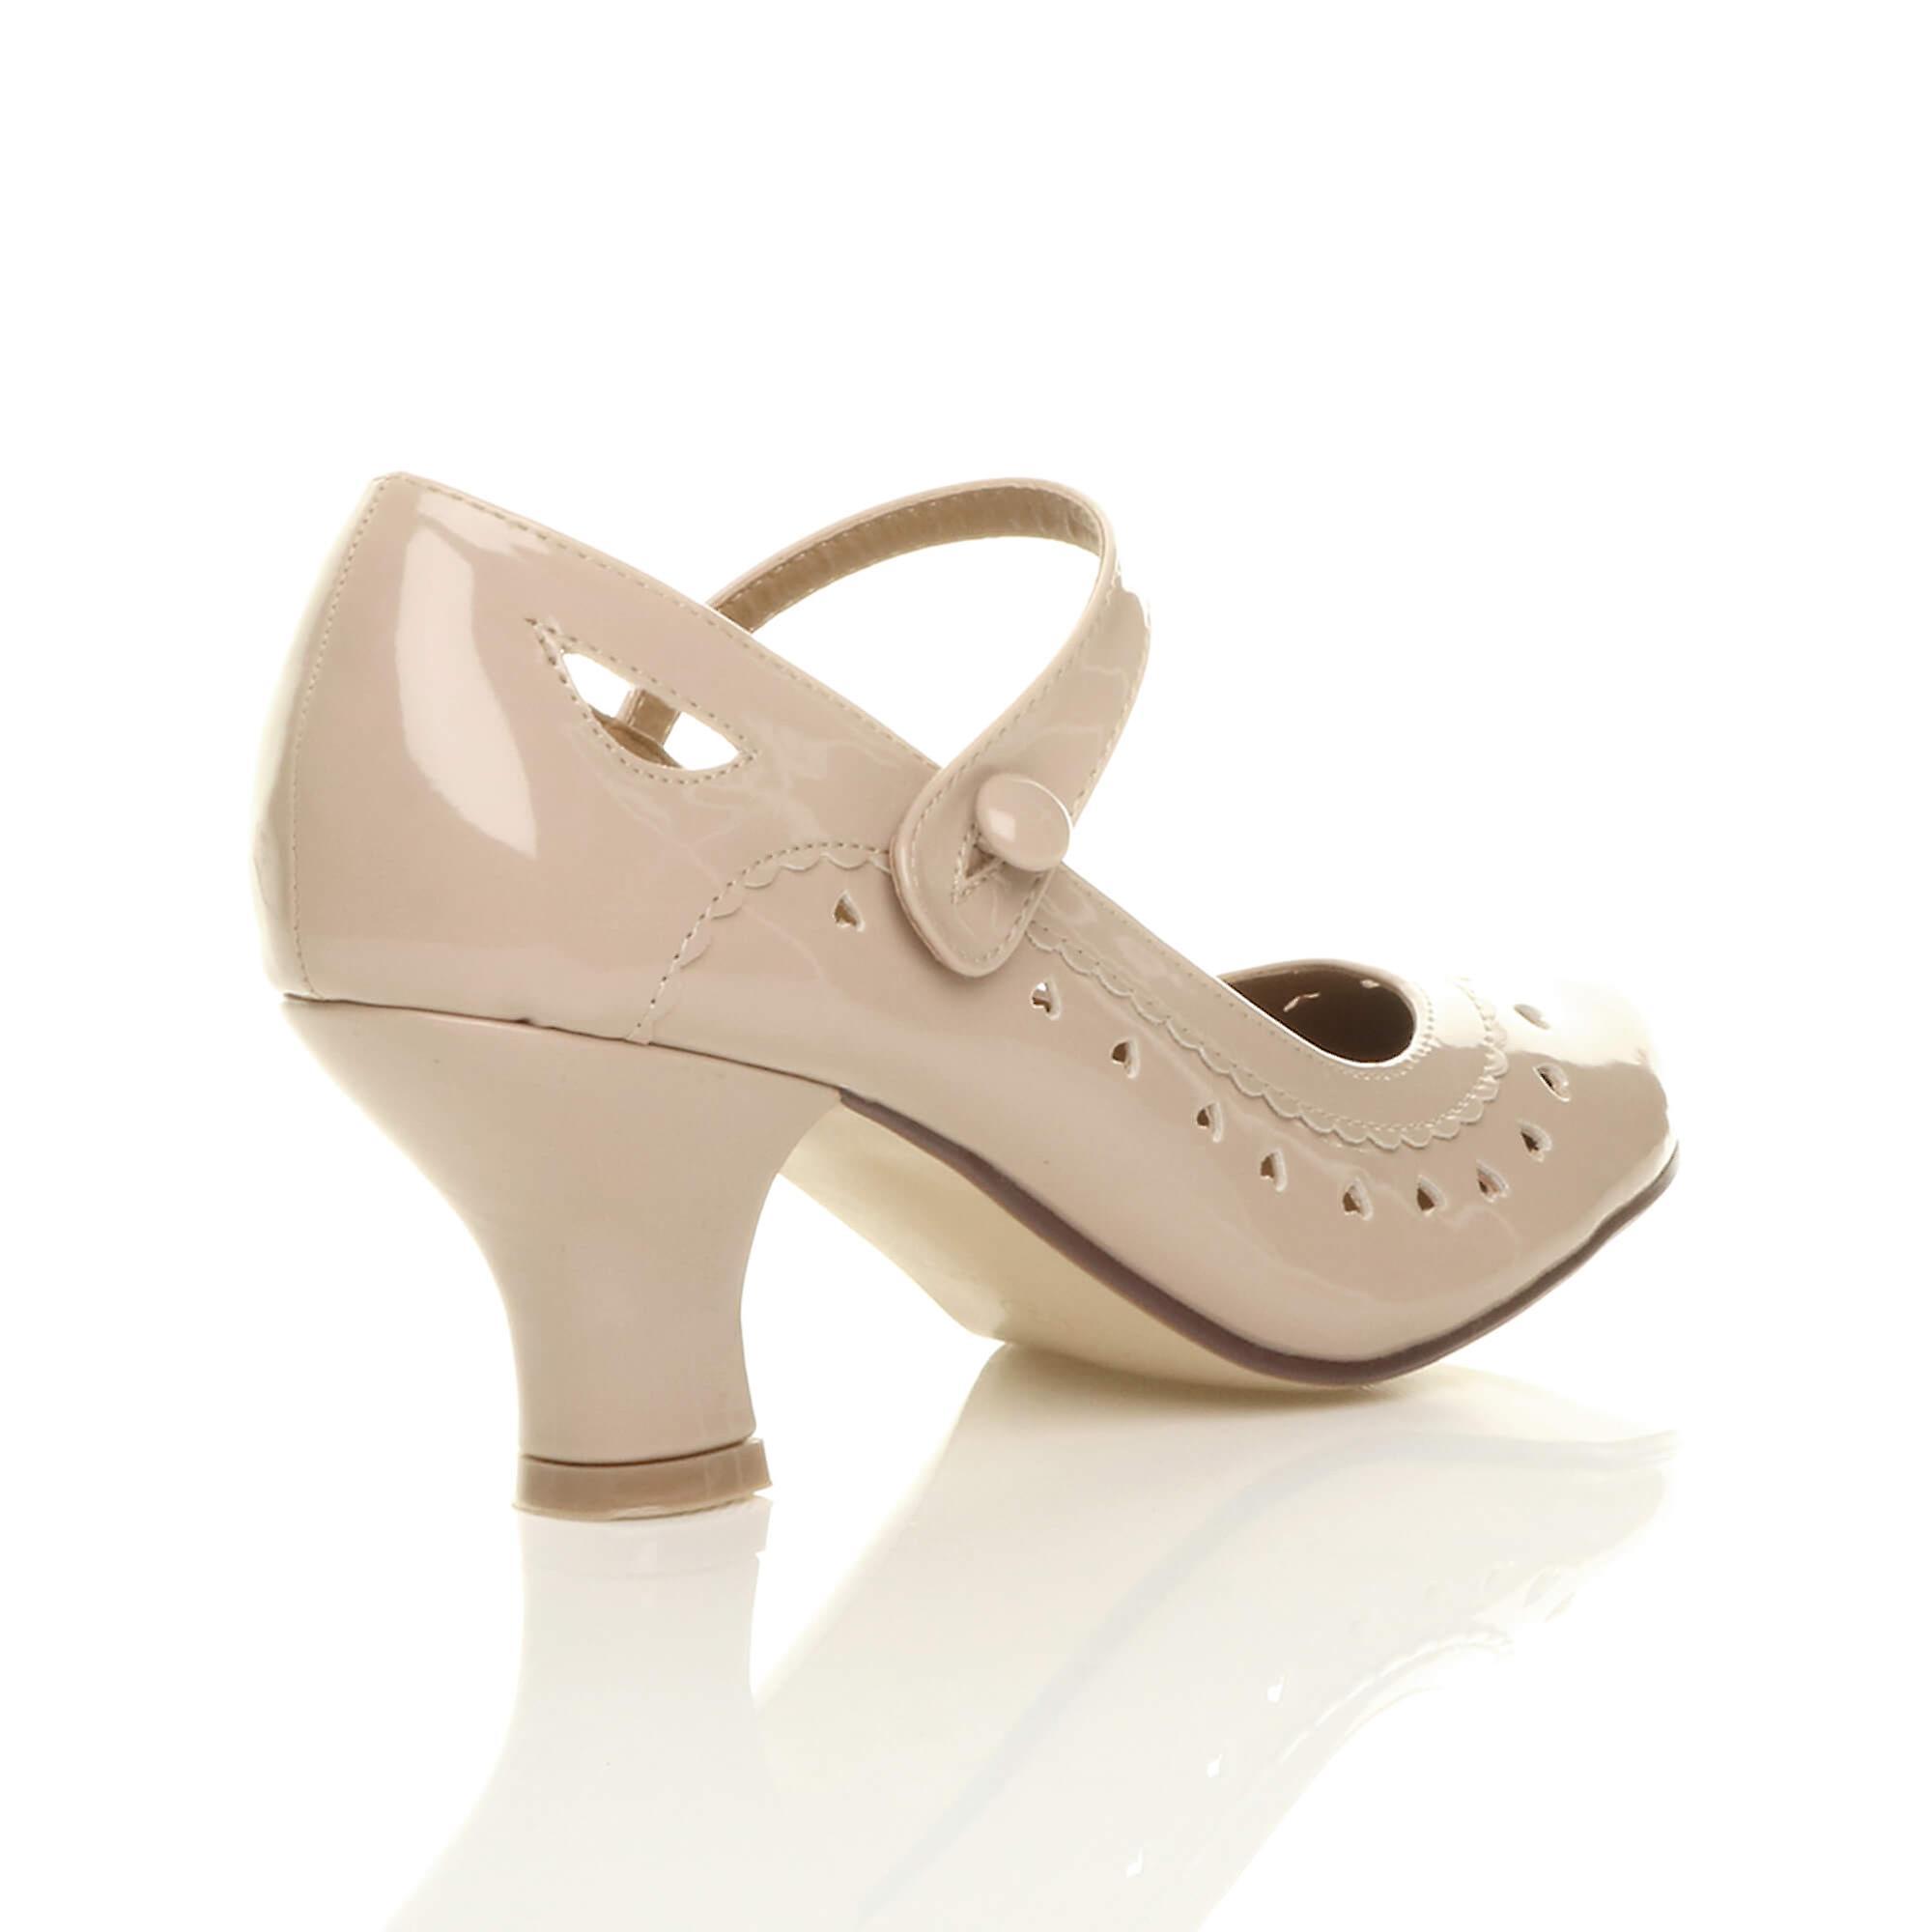 Ajvani damskie połowy kitten pięty mary jane pasek działa klasyczny wyciąć serce pompuje buty sądu BbqE1